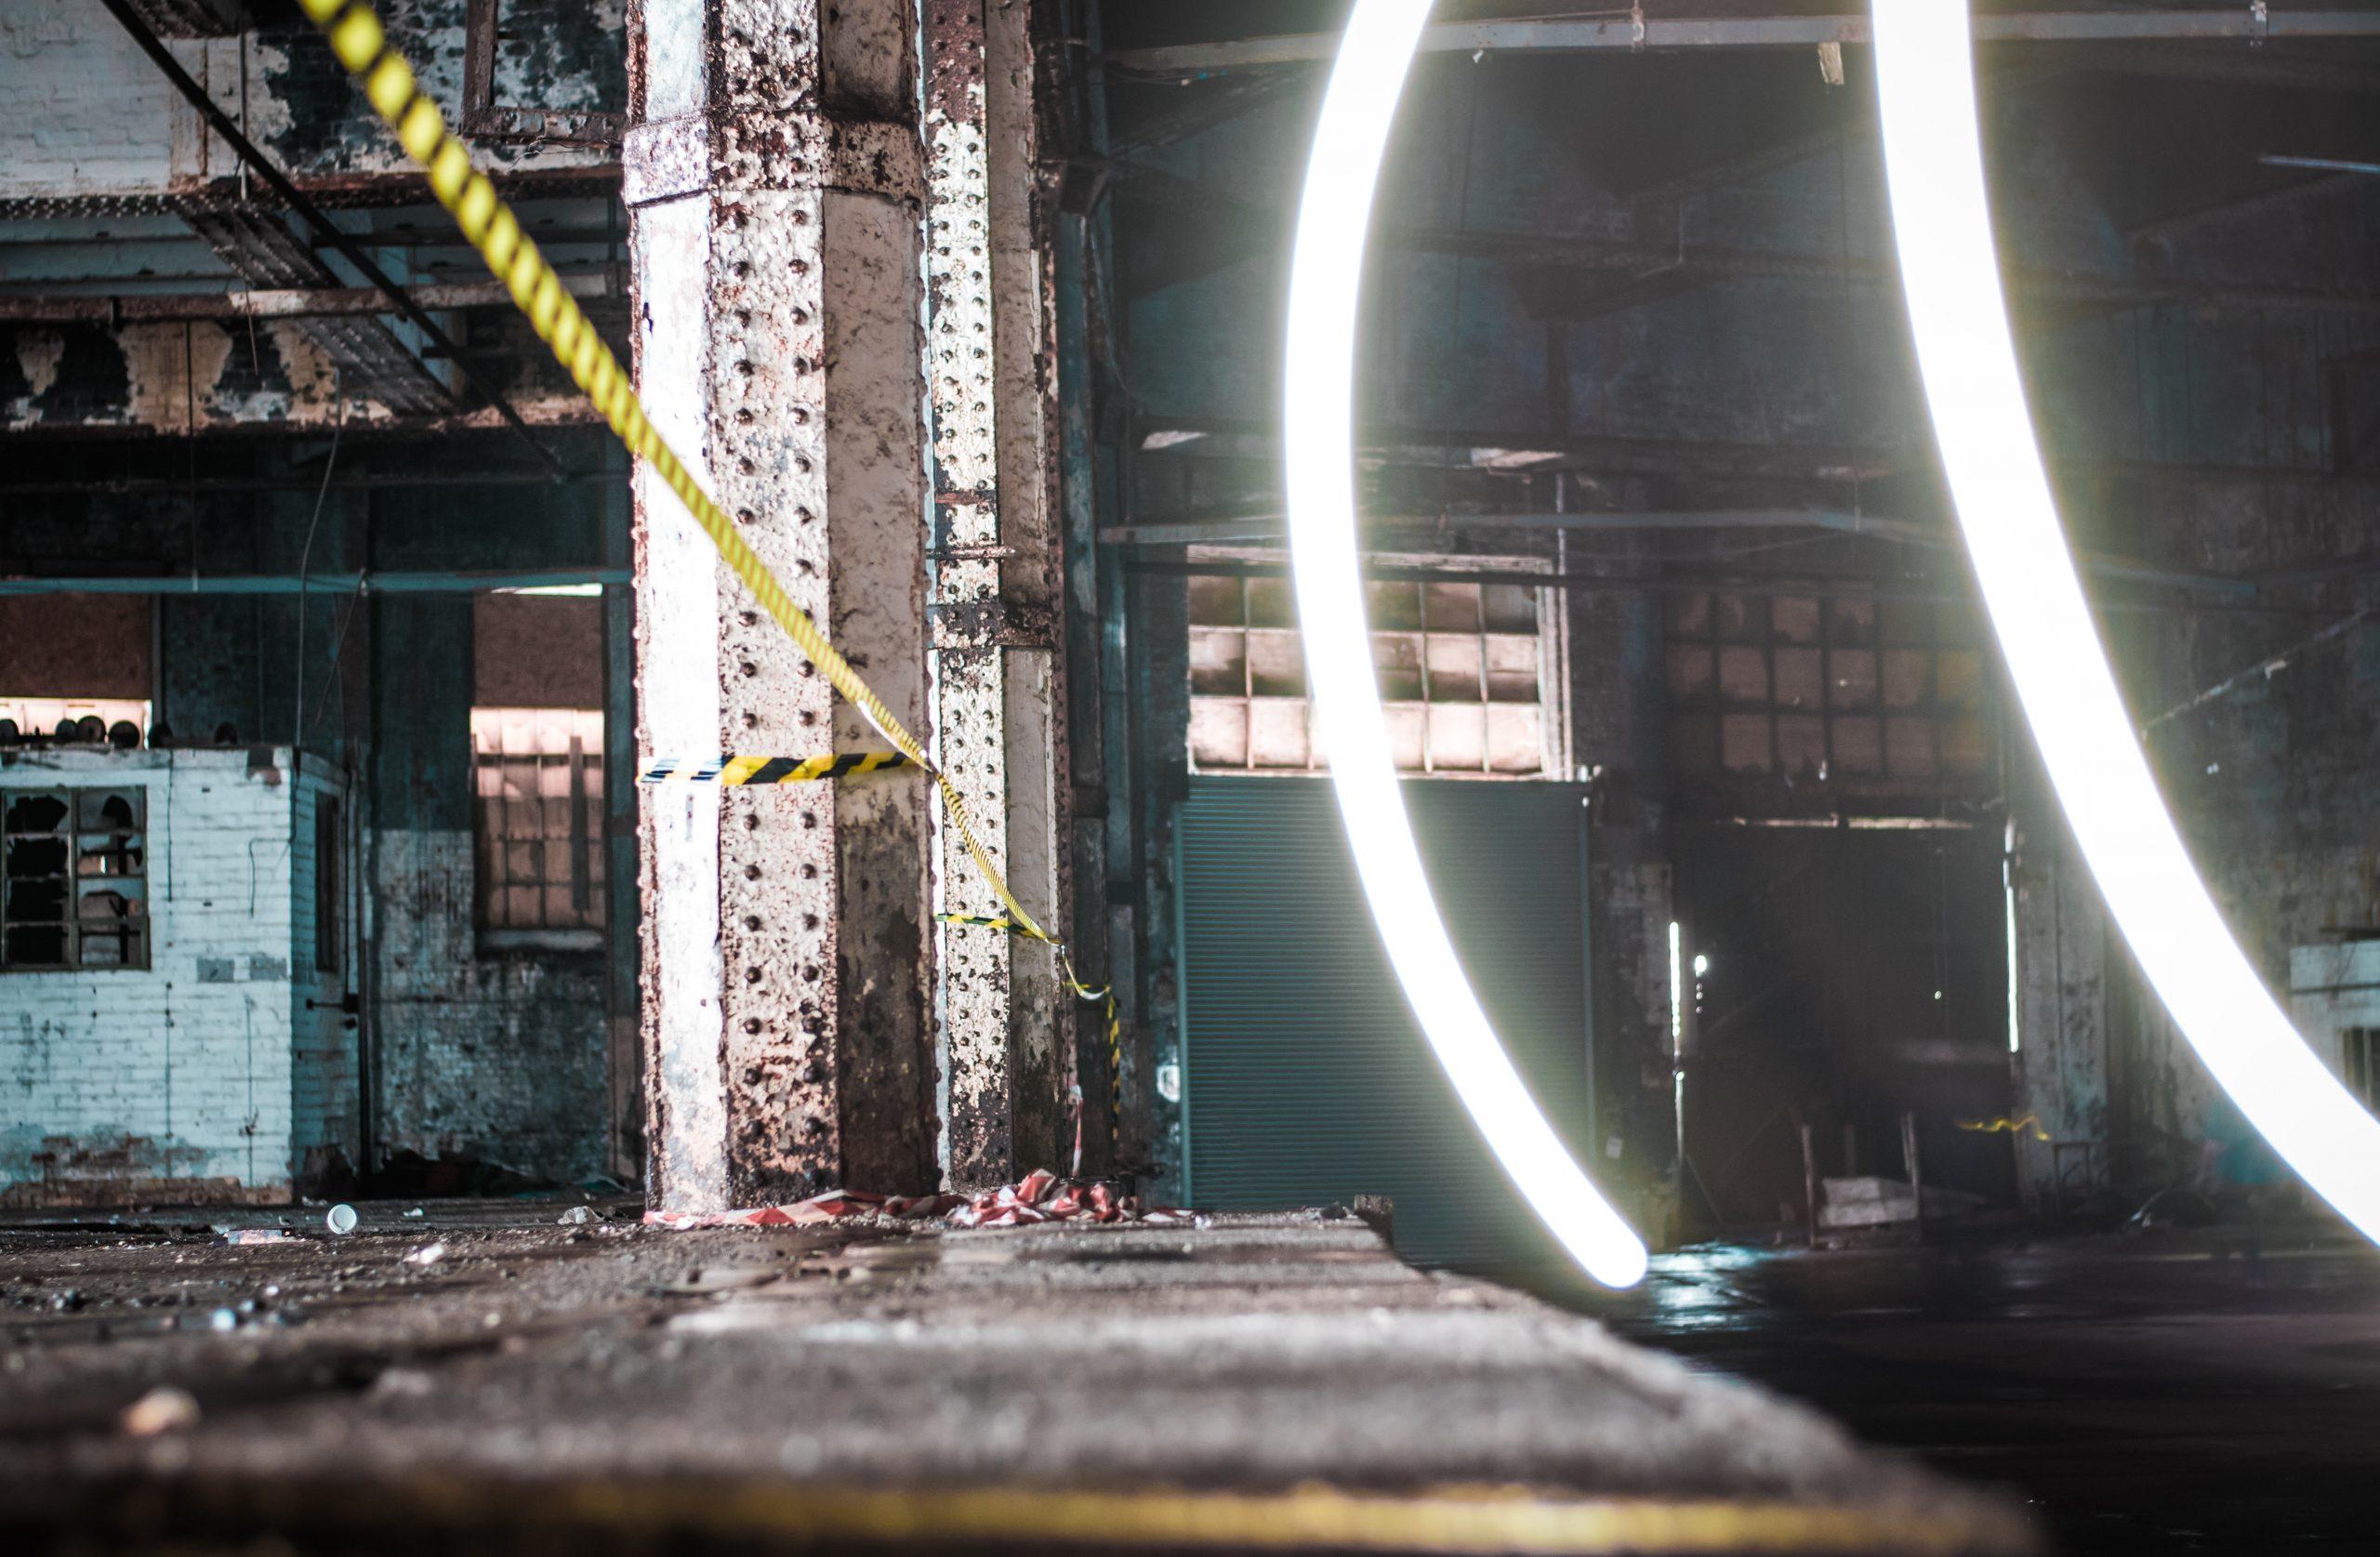 Reconversion des anciens sites industriels d'ArcelorMittal à Liège et de Carsid à Charleroi : nouvelle étape